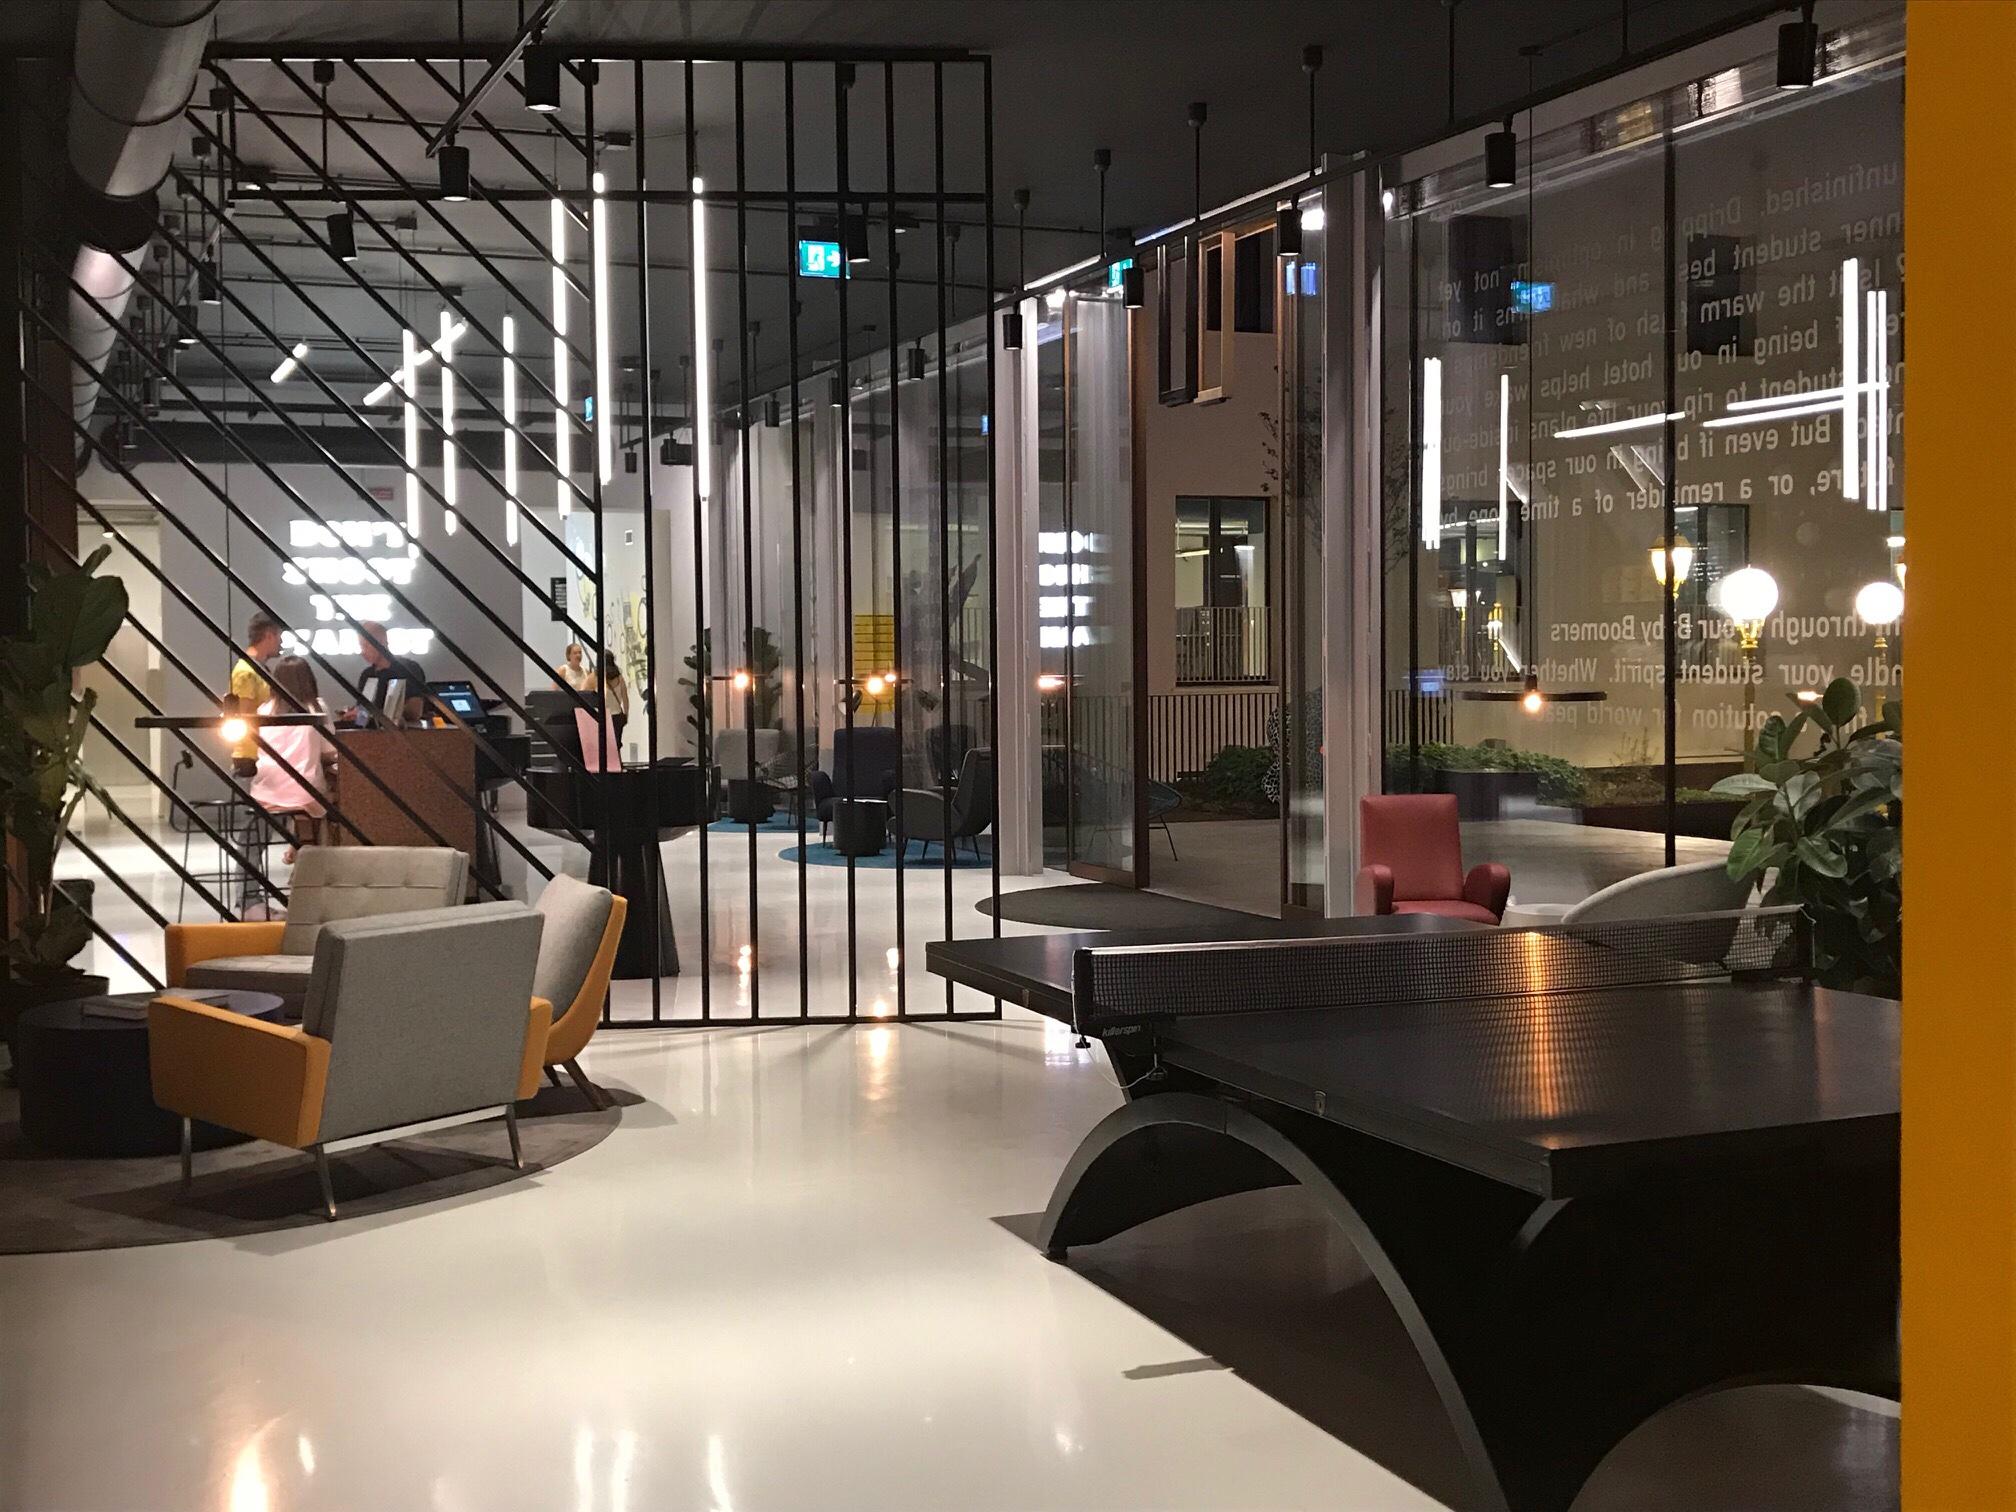 The Student Hotel Firenze concept hotel Interior design trend innovazione viaggiare hospitality design new hotels